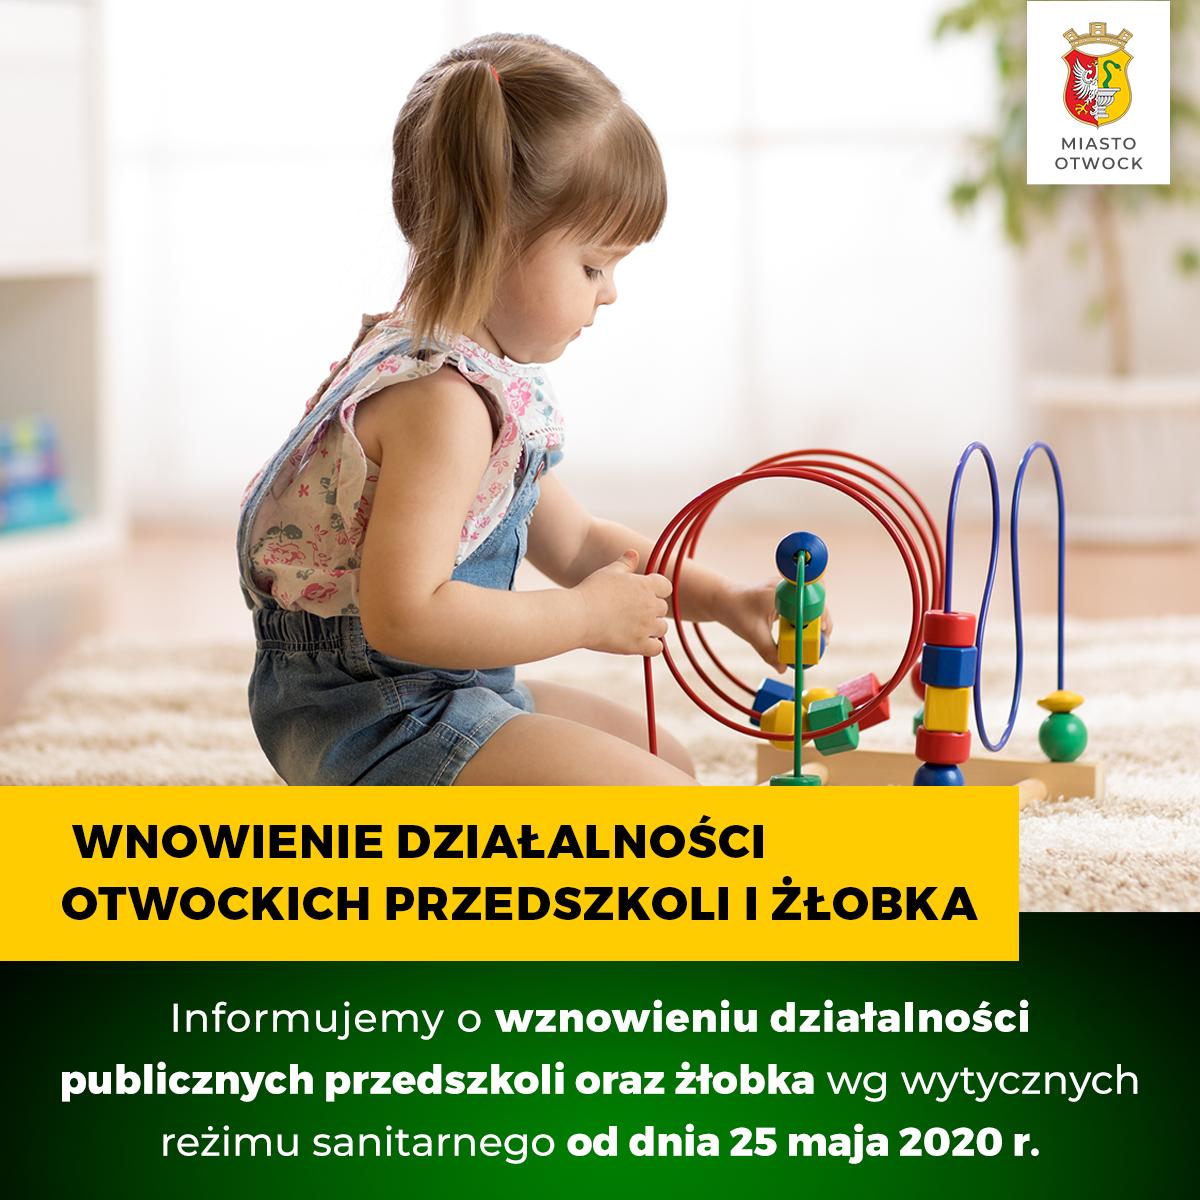 Wznowienie działalności otwockich przedszkoli i żłobka